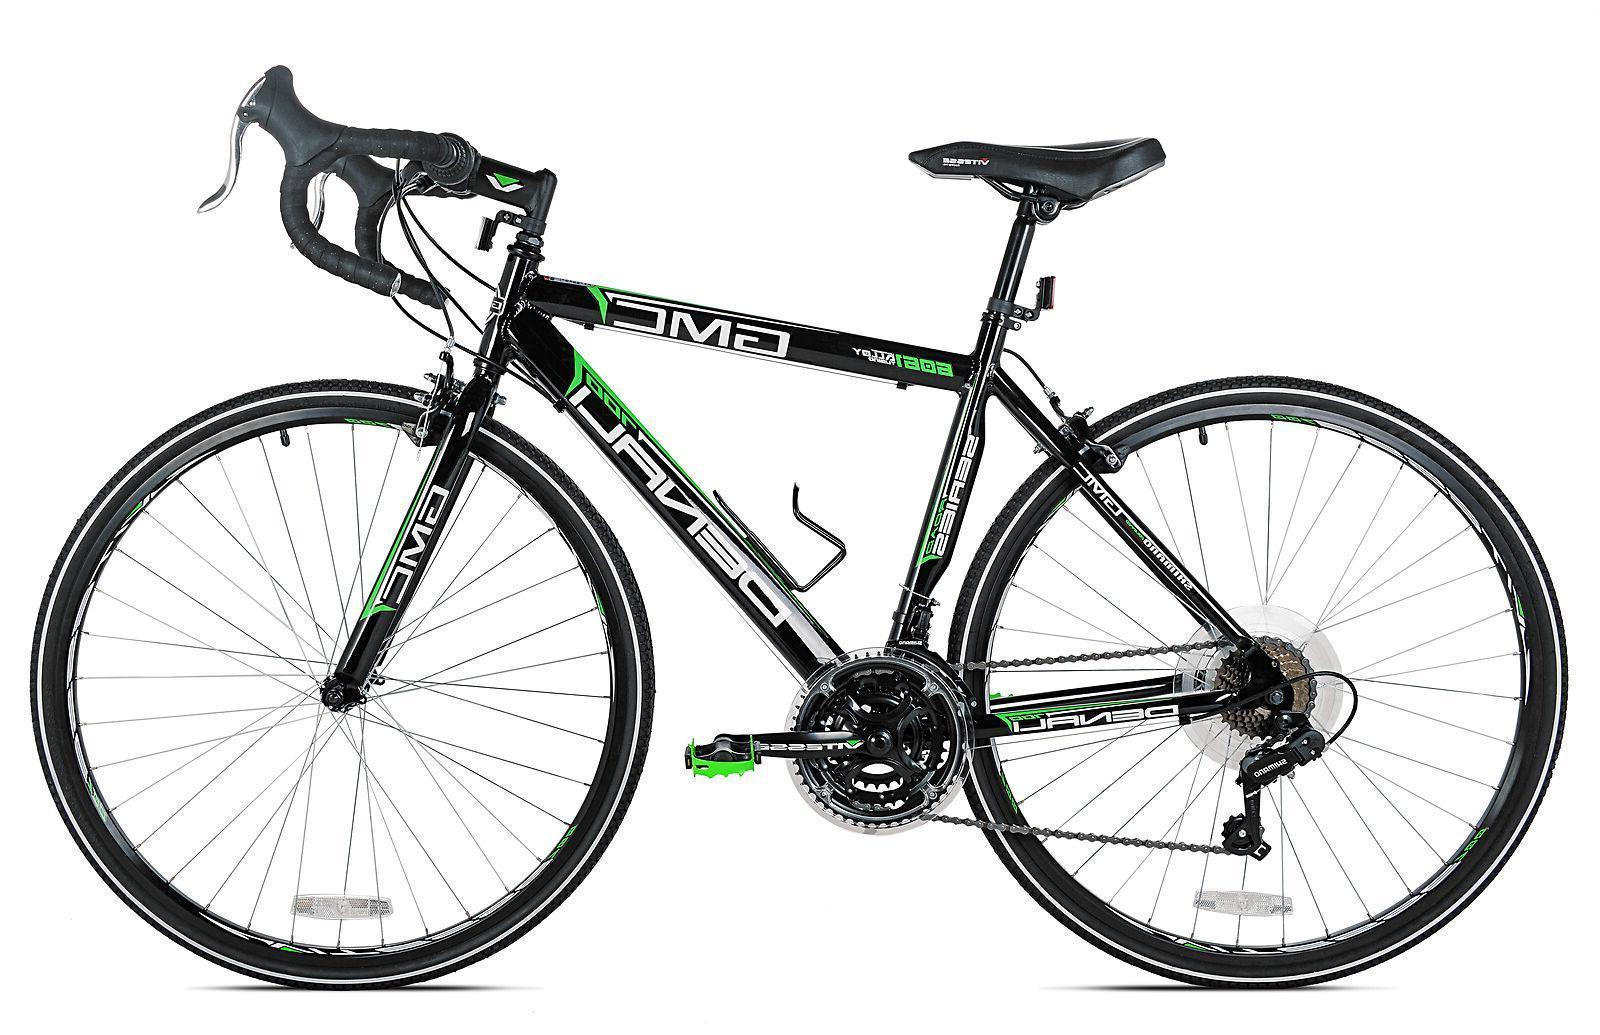 GMC 700c Denali Bike, Black/Green 2 SHIPPING**